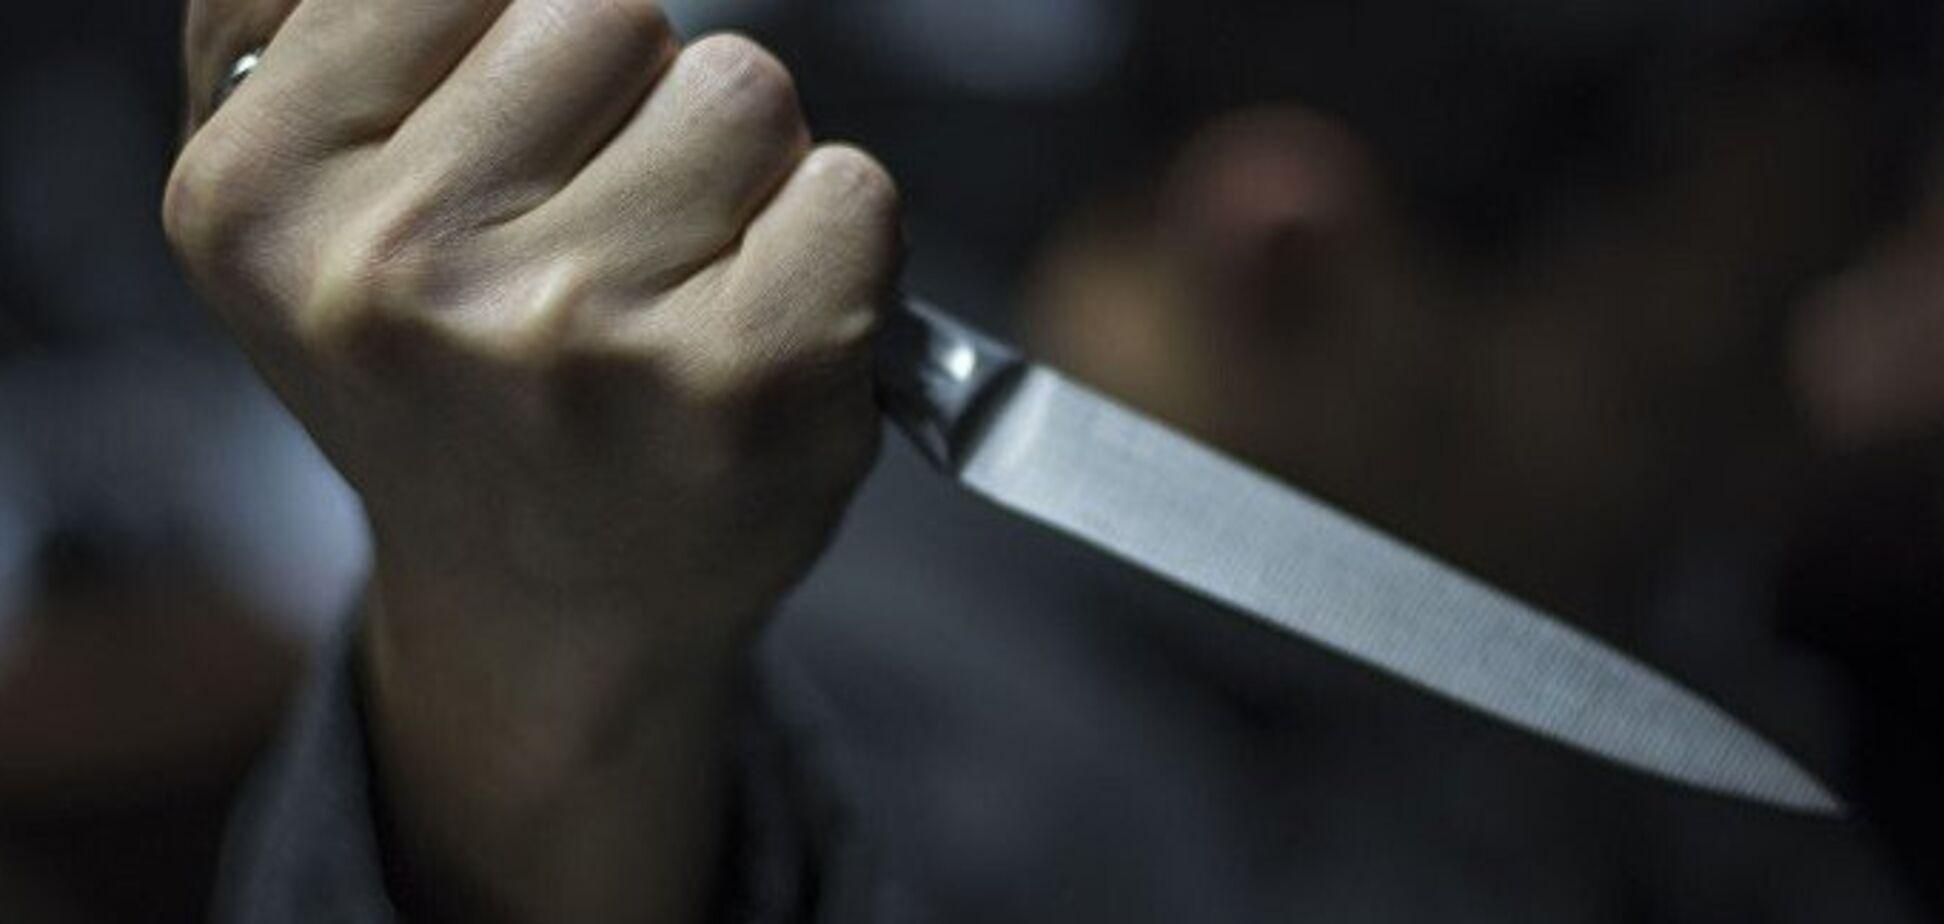 Ножем у груди: в Дніпрі хлопець по-звірячому розправився з друзями колишньої